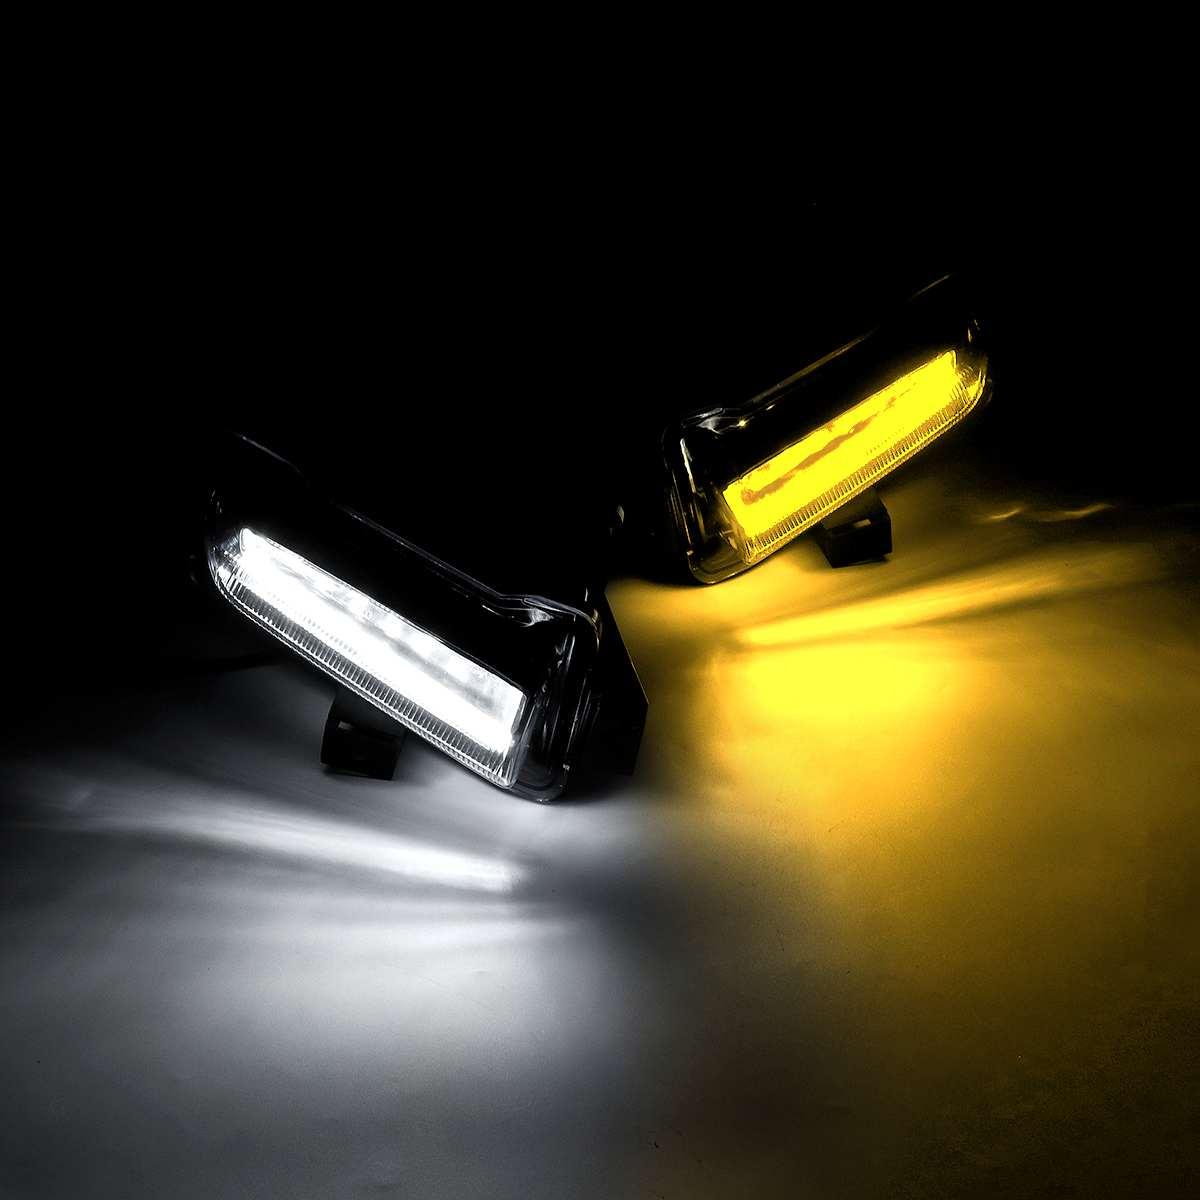 Un par de luces LED de circulación diurna de ámbar doble/blanca individual para Chevy Camaro ZL1 1 1lt RS 16 + DRL blanco niebla + ámbar